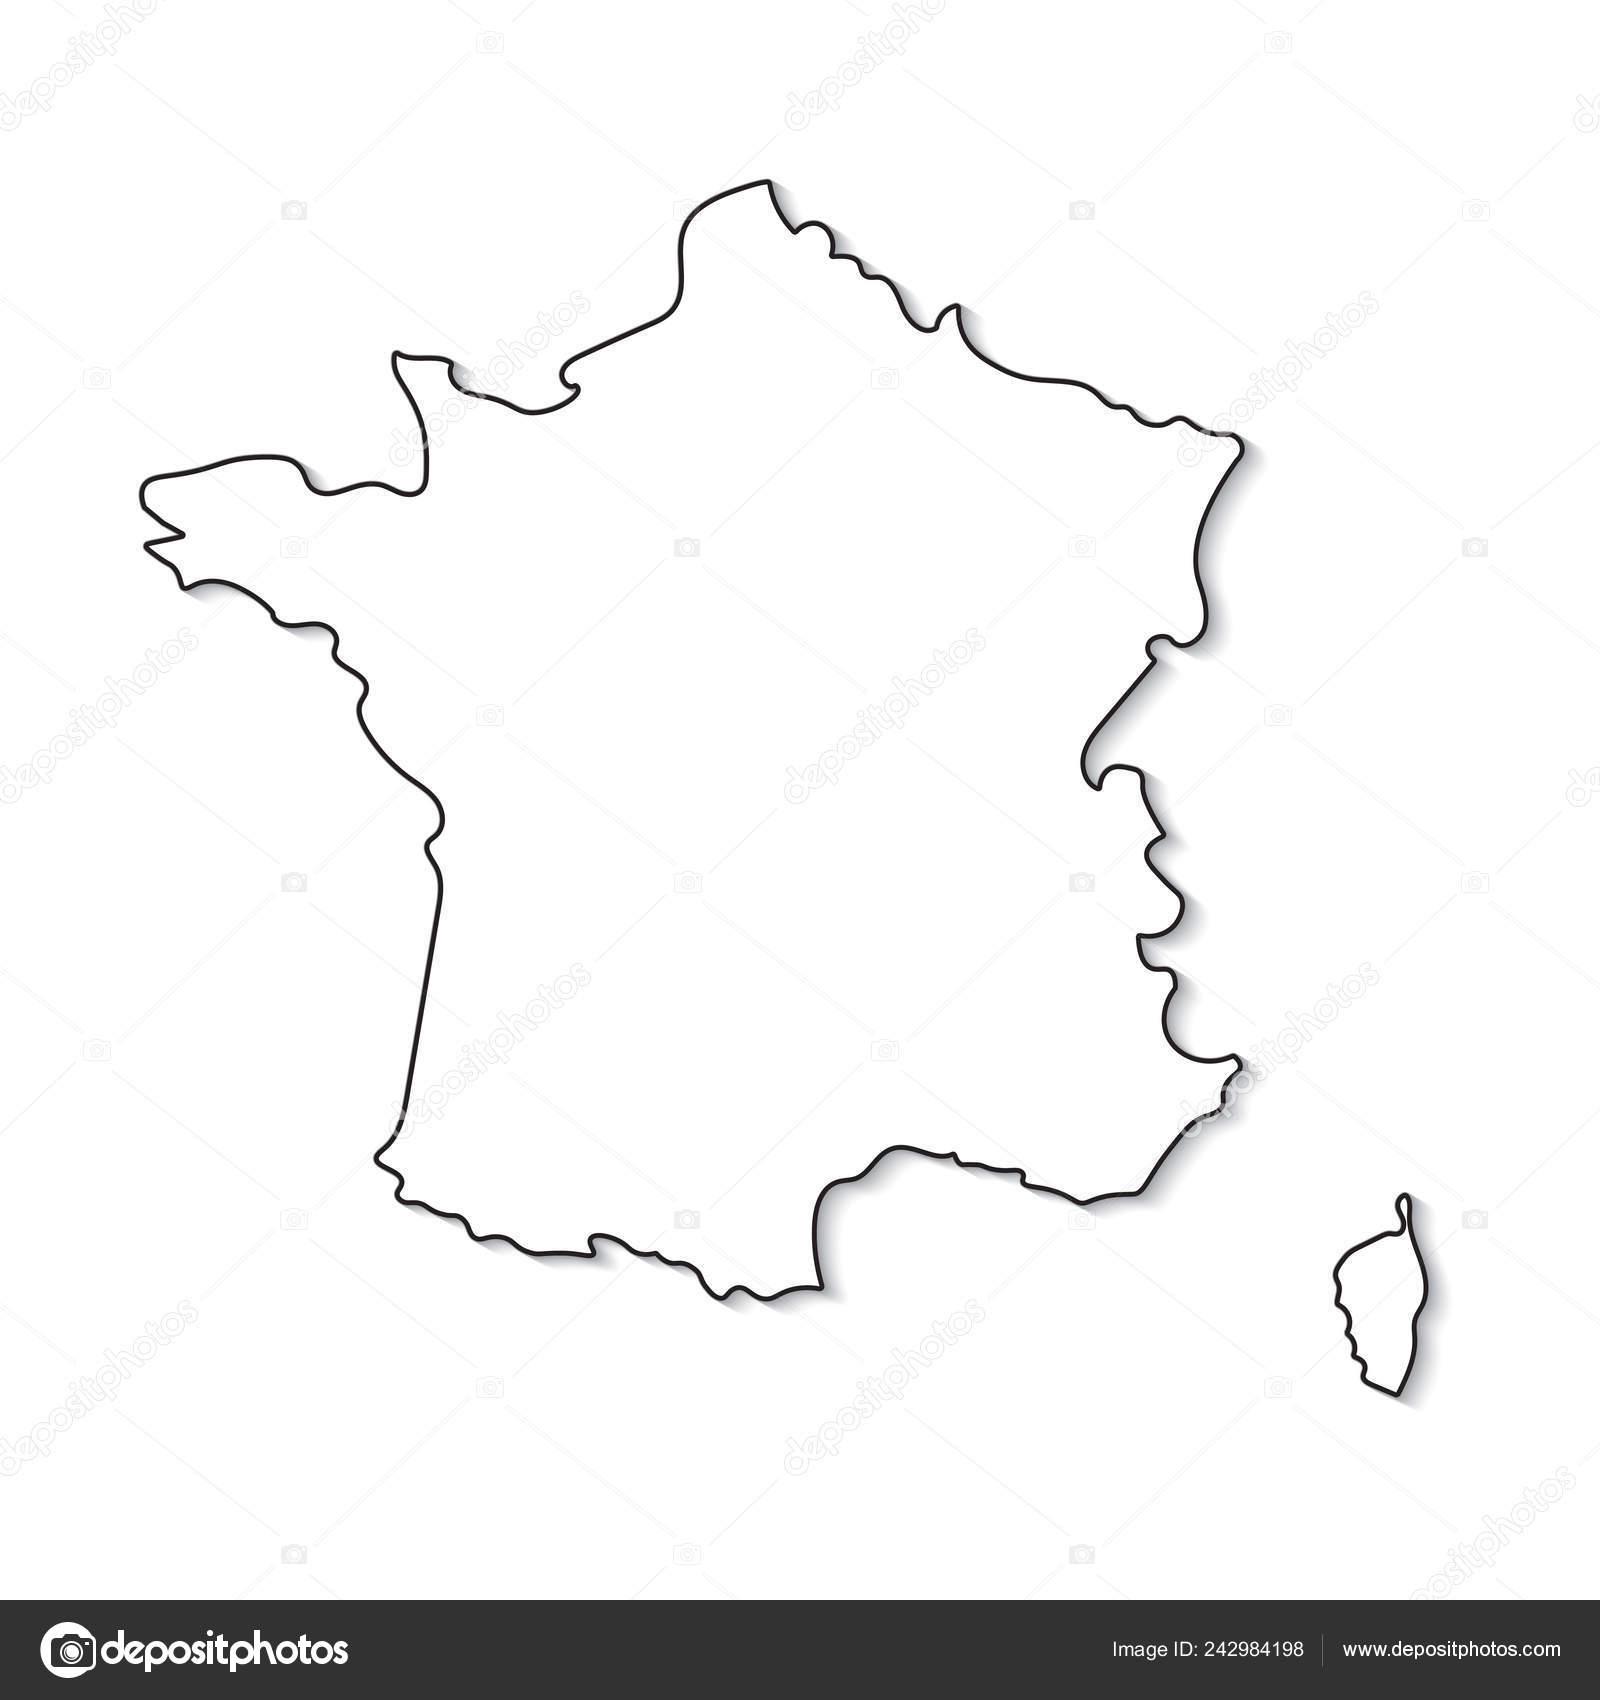 Cartina Della Francia In Bianco E Nero.Vettore Cartina Della Francia In Bianco E Nero Bianco